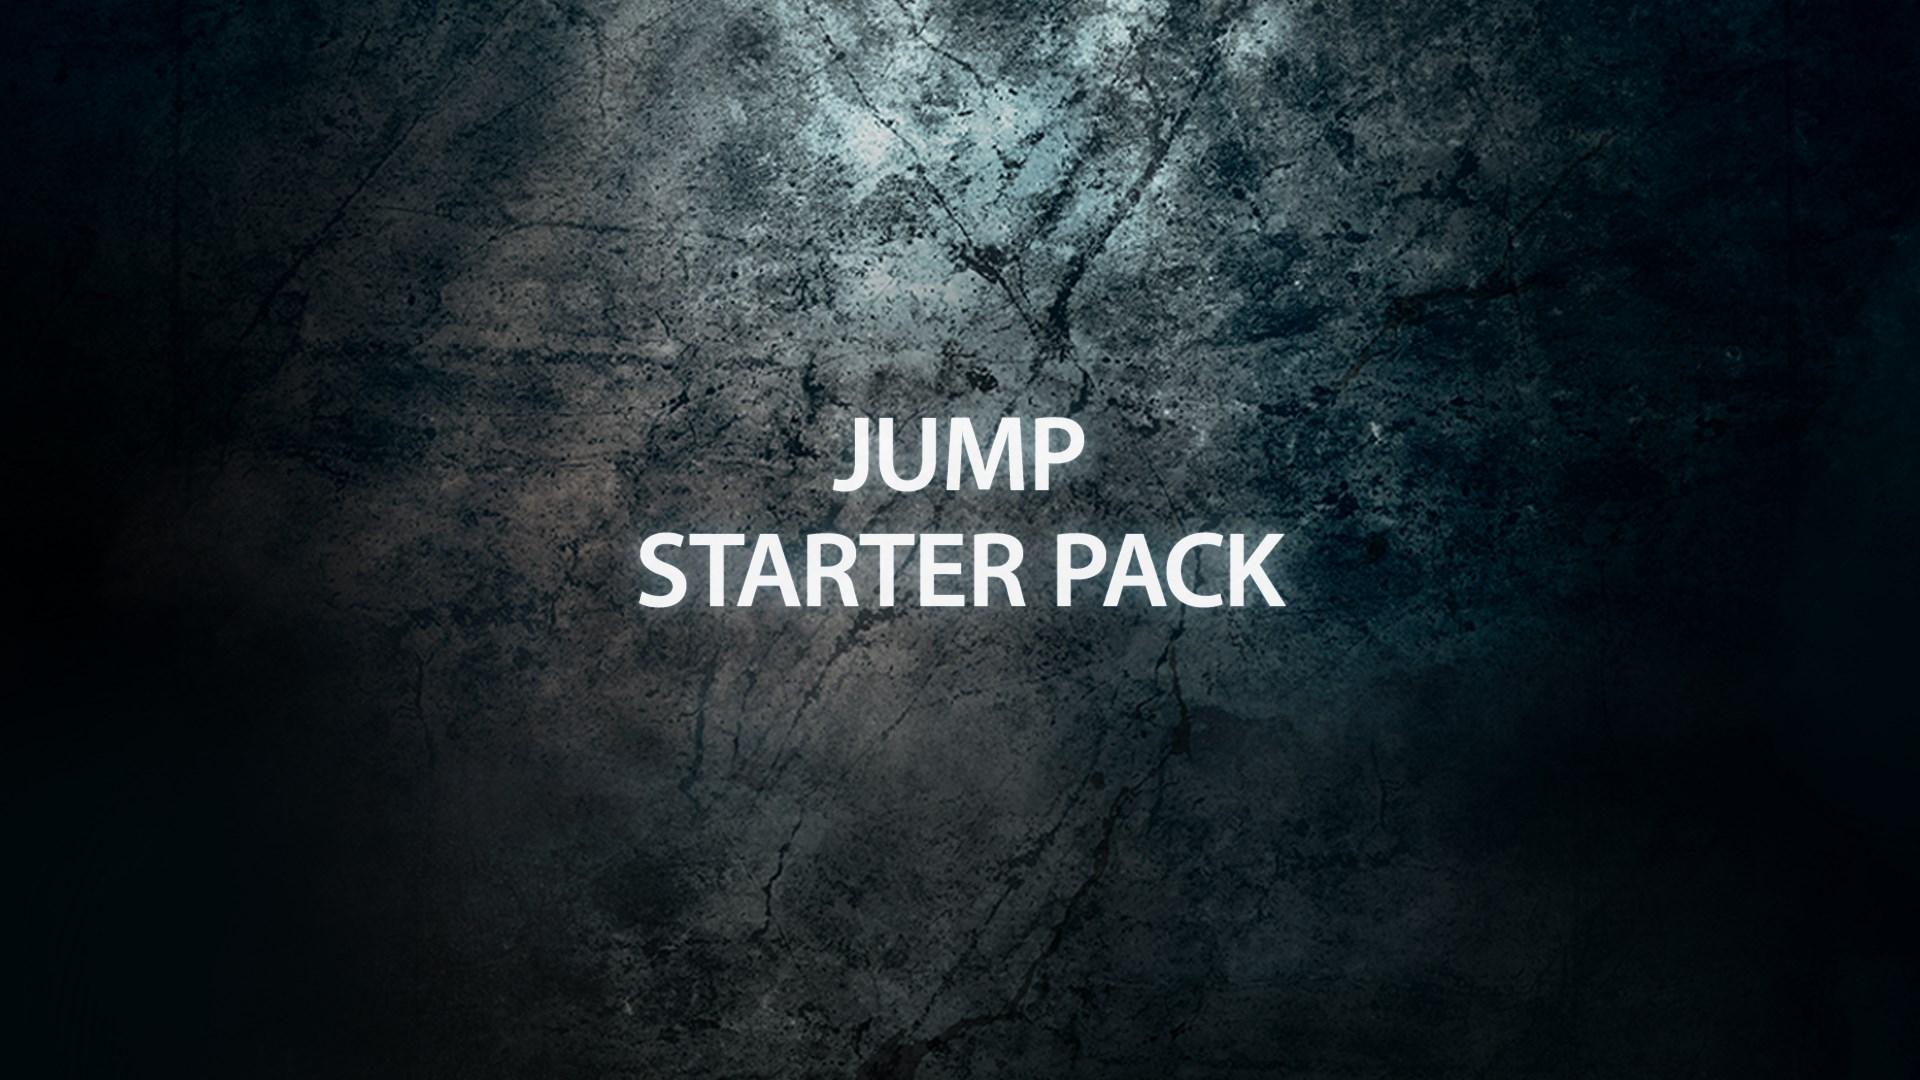 JUMP FORCE - JUMP Starter Pack